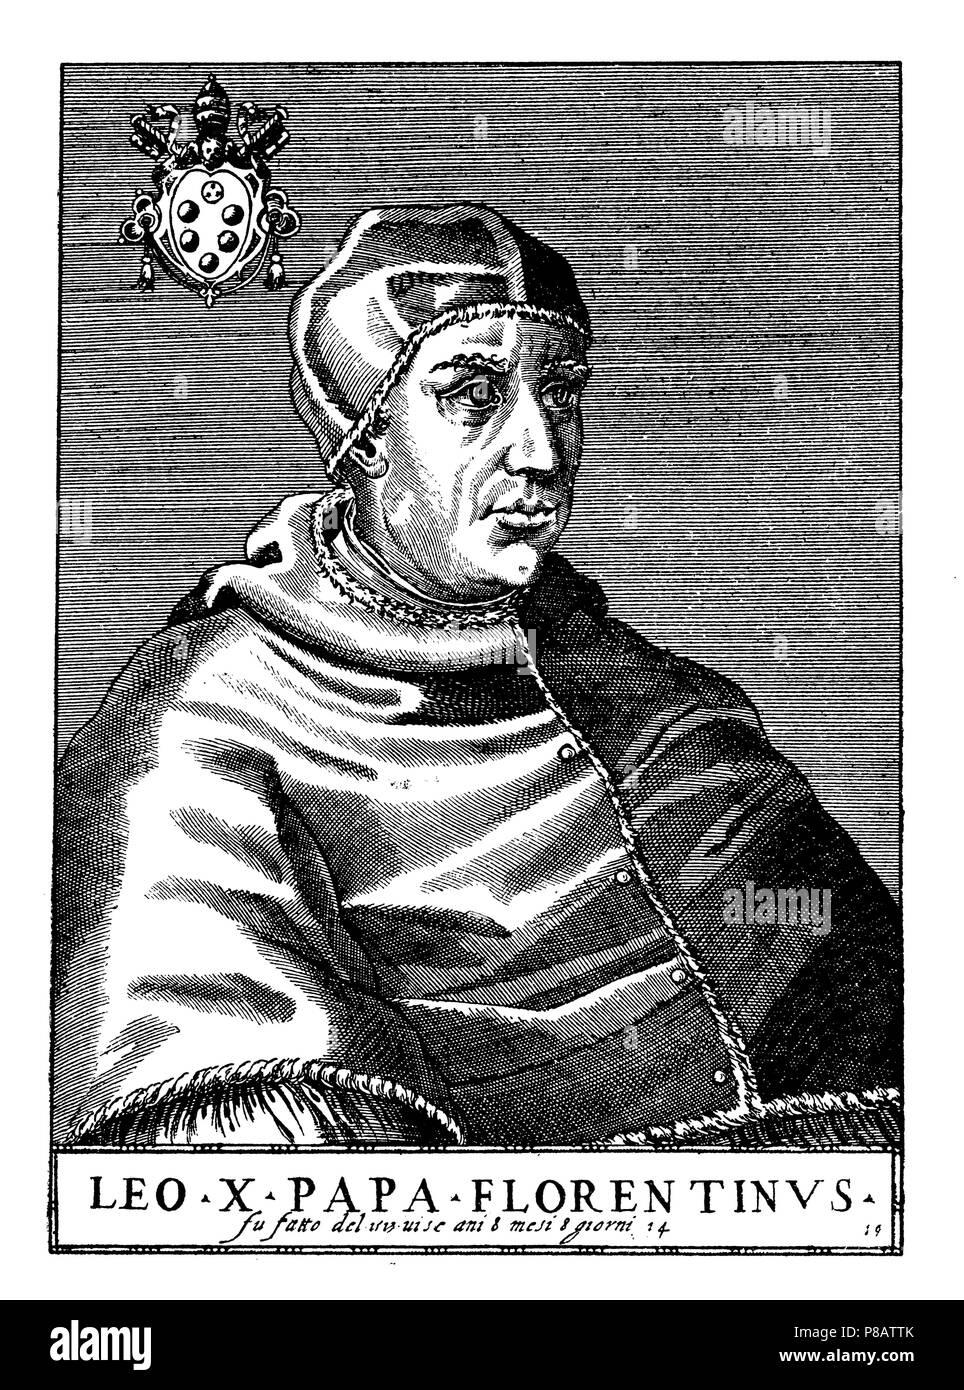 Papst Leo X Geboren Im Jahr 1475 Zum Papst Gewählt Wurde In 1513